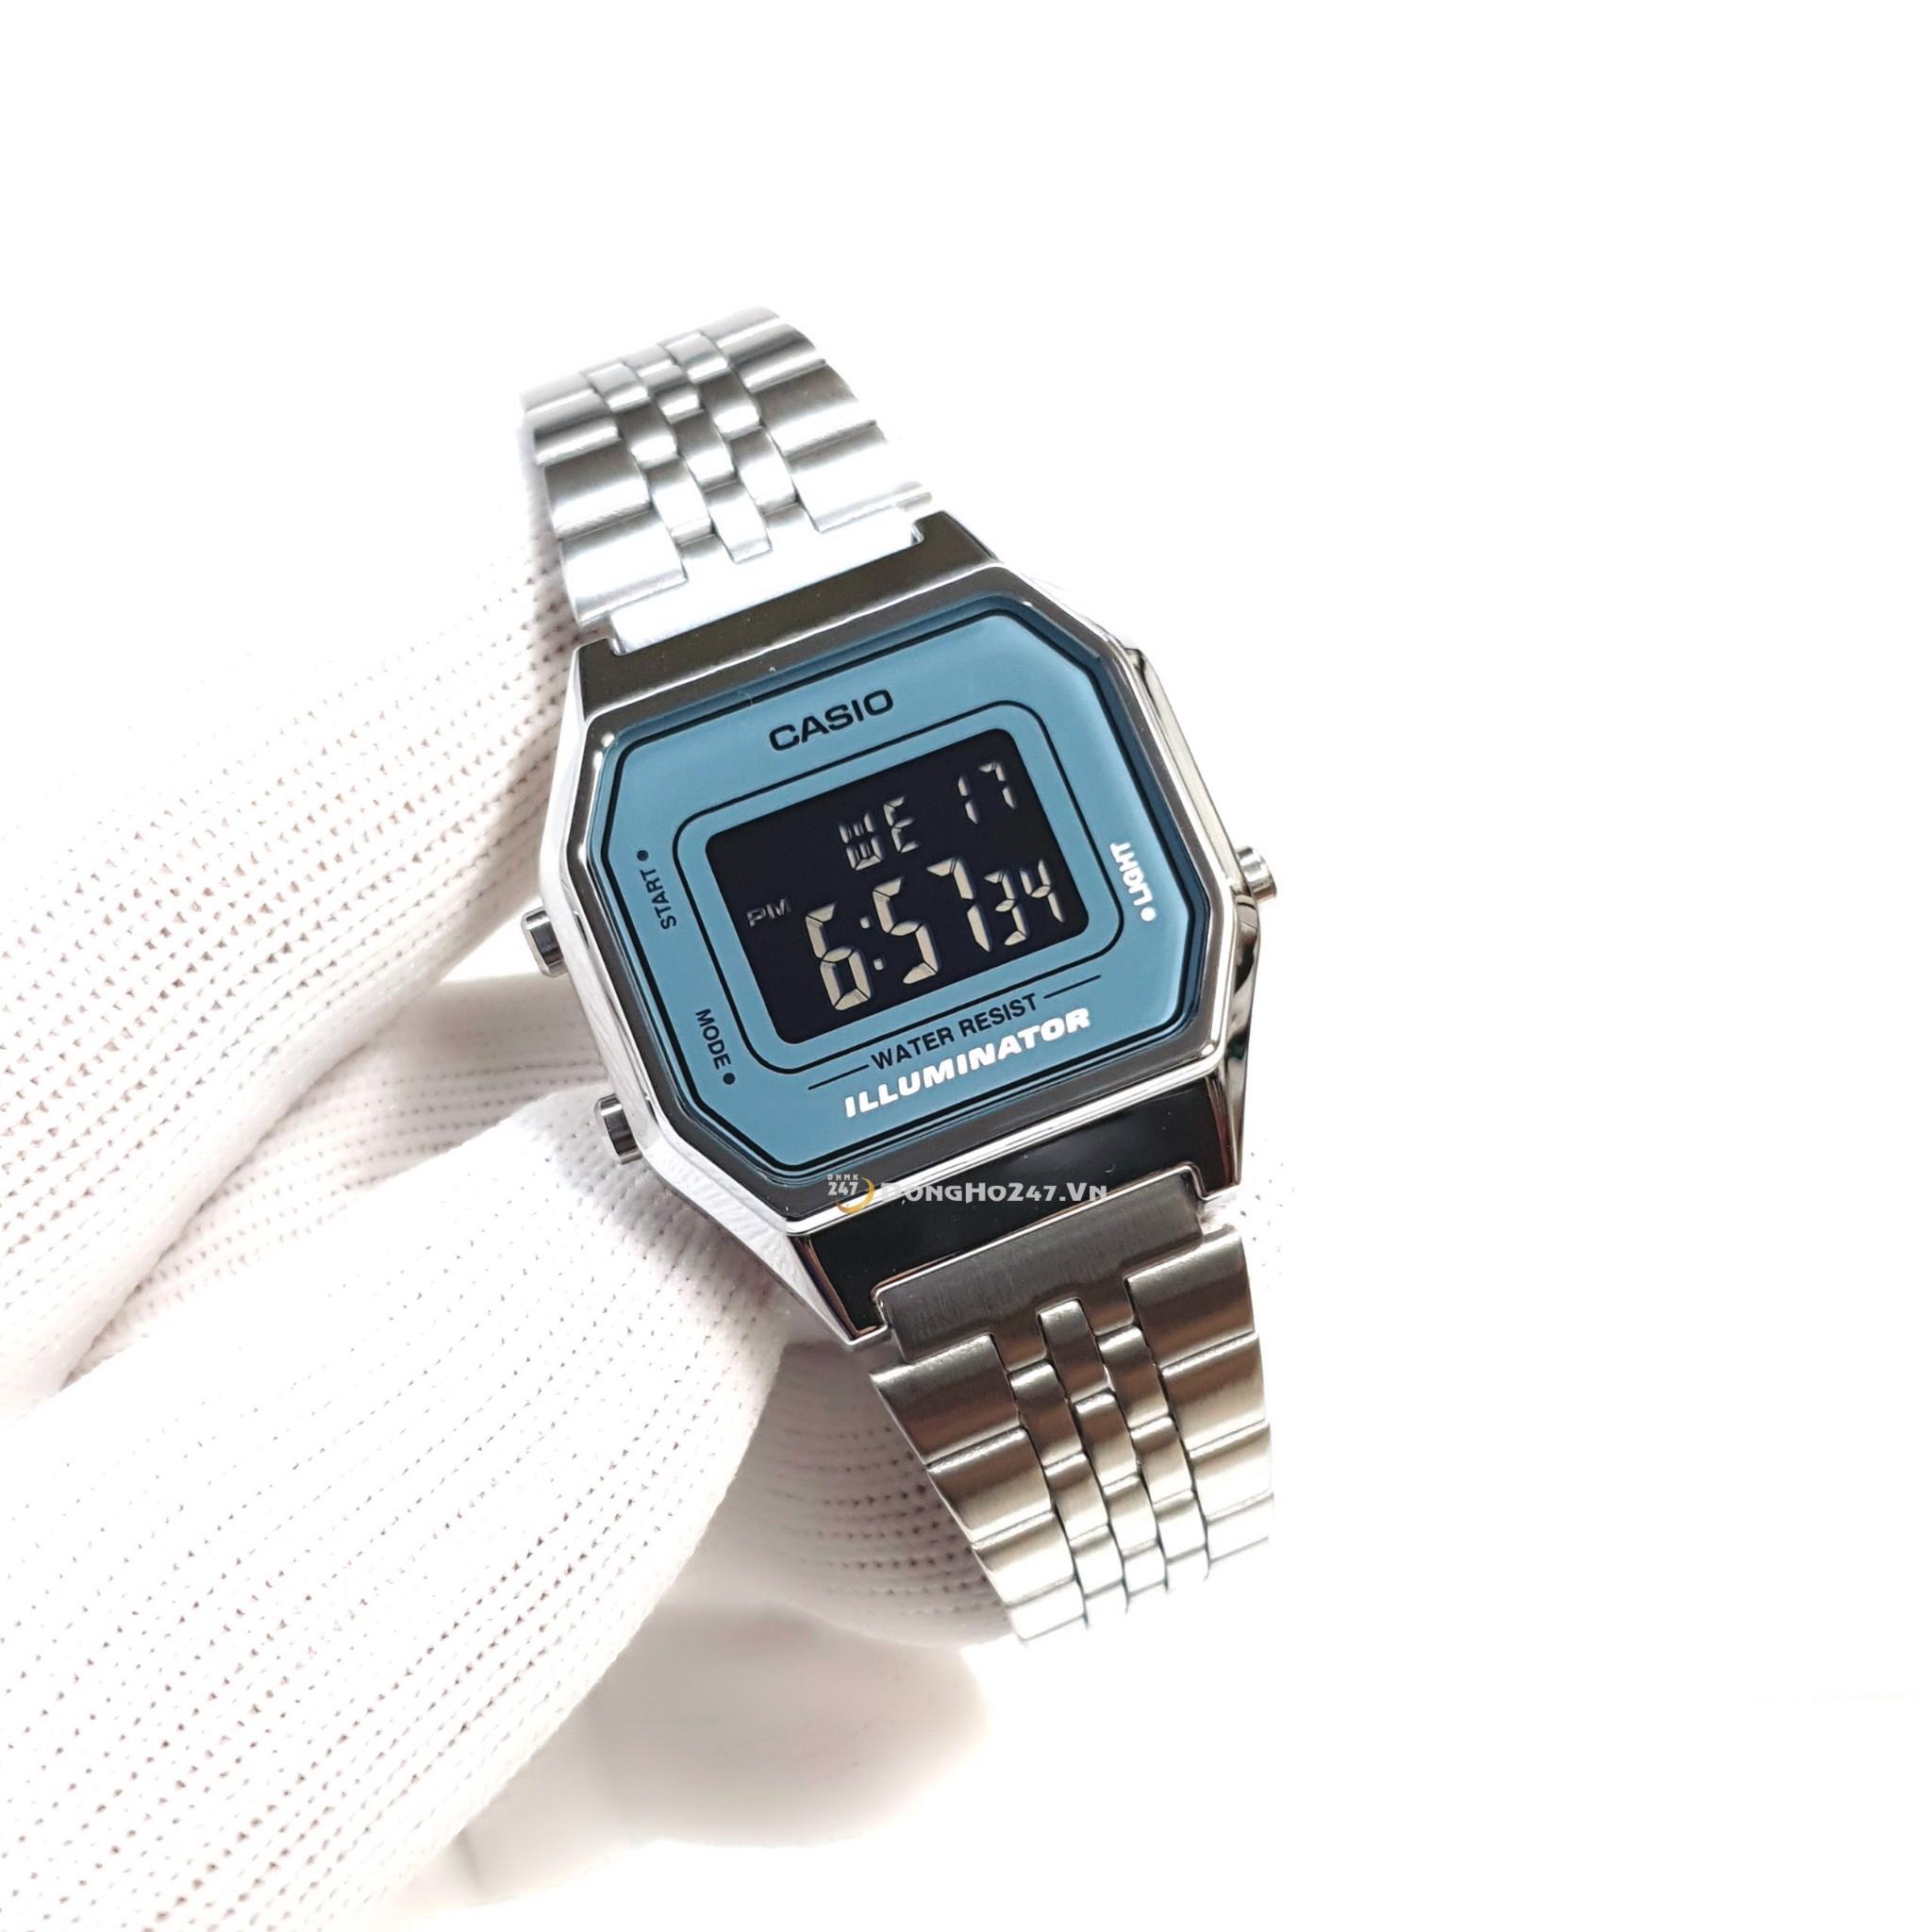 Đặc điểm của đồng hồ Casio điện tử dây kim loại